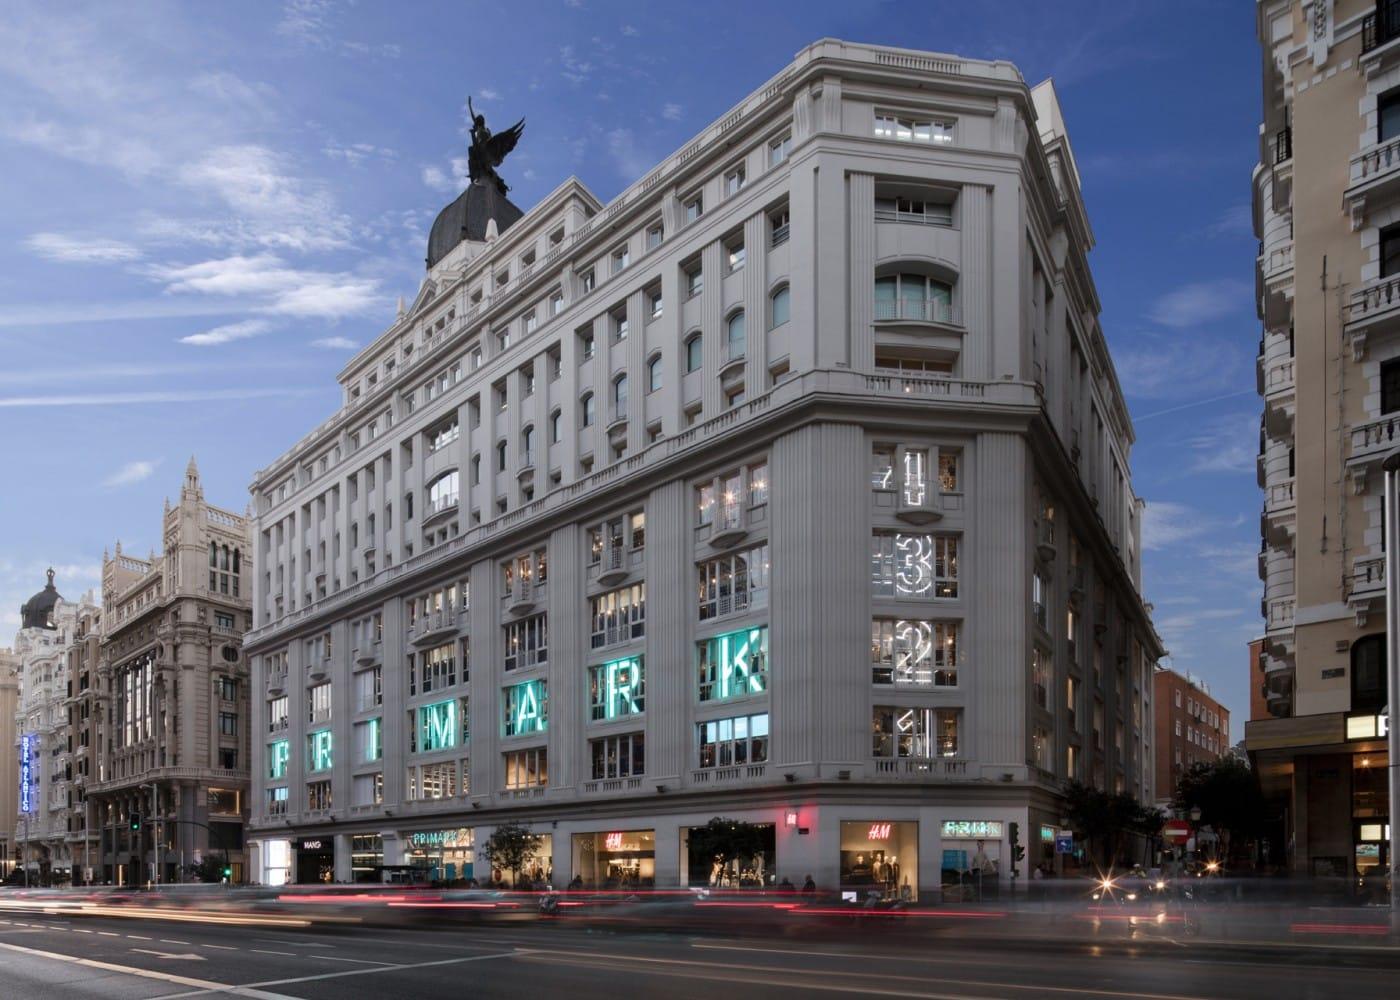 retail lighting design: Madrid Gran Via Primark exterior